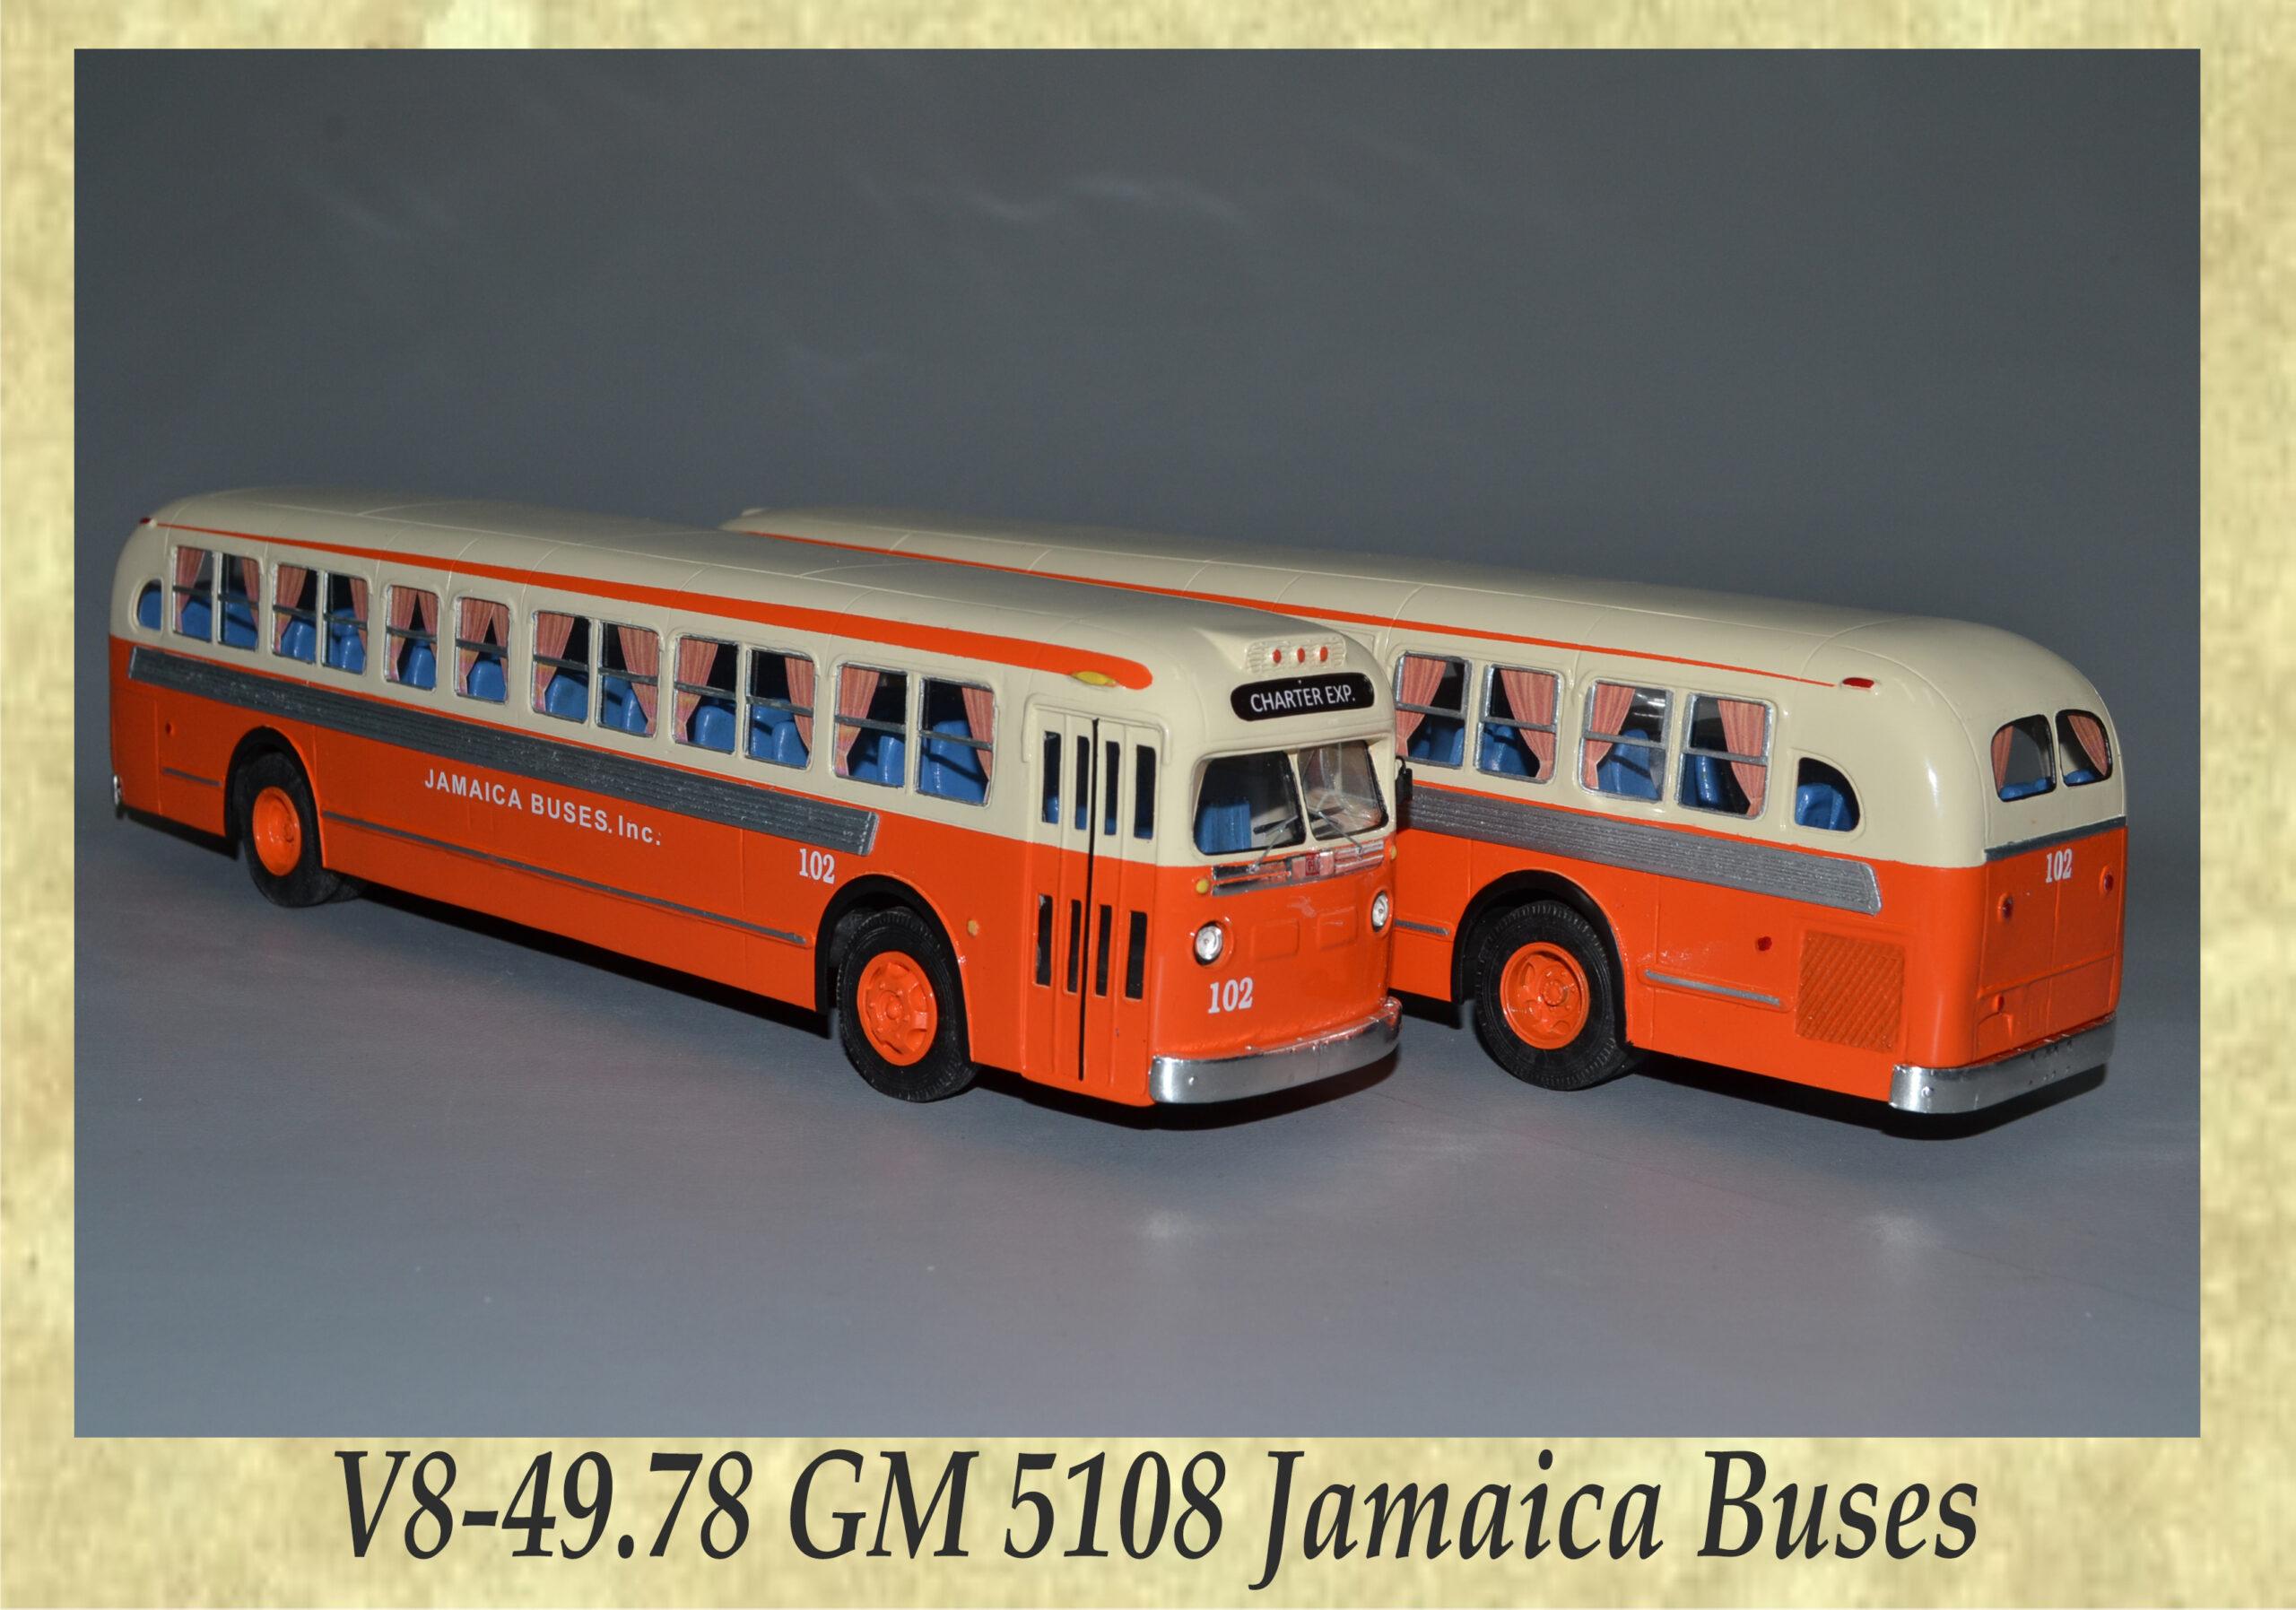 V8-49.78 GM 5108 Jamaica Buses